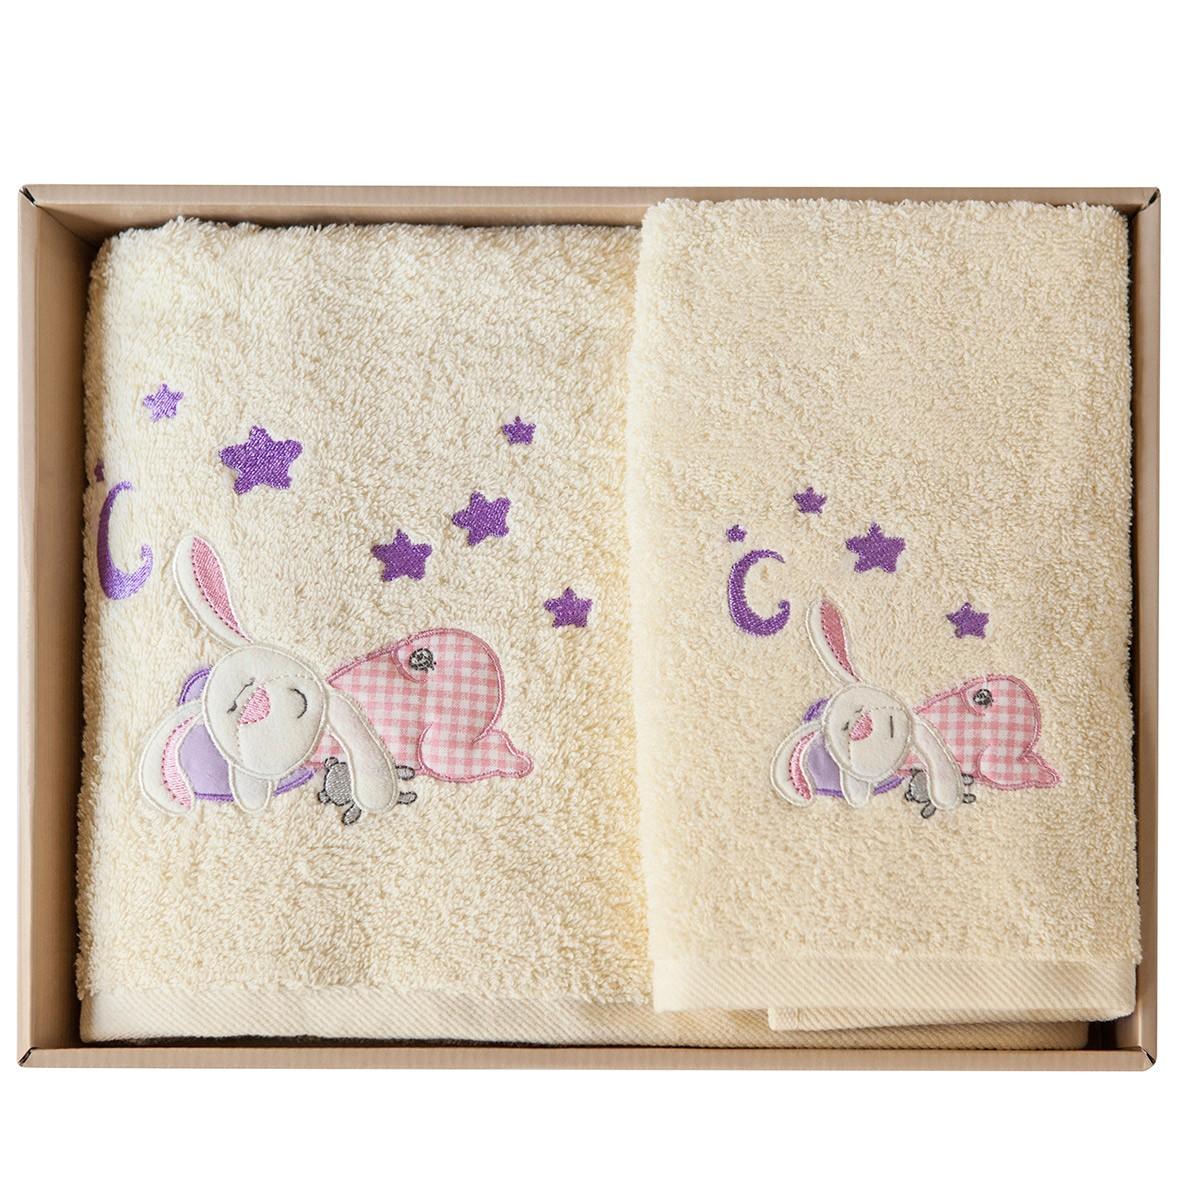 Βρεφικές Πετσέτες (Σετ 2τμχ) Melinen Rabbit Cream X Pink